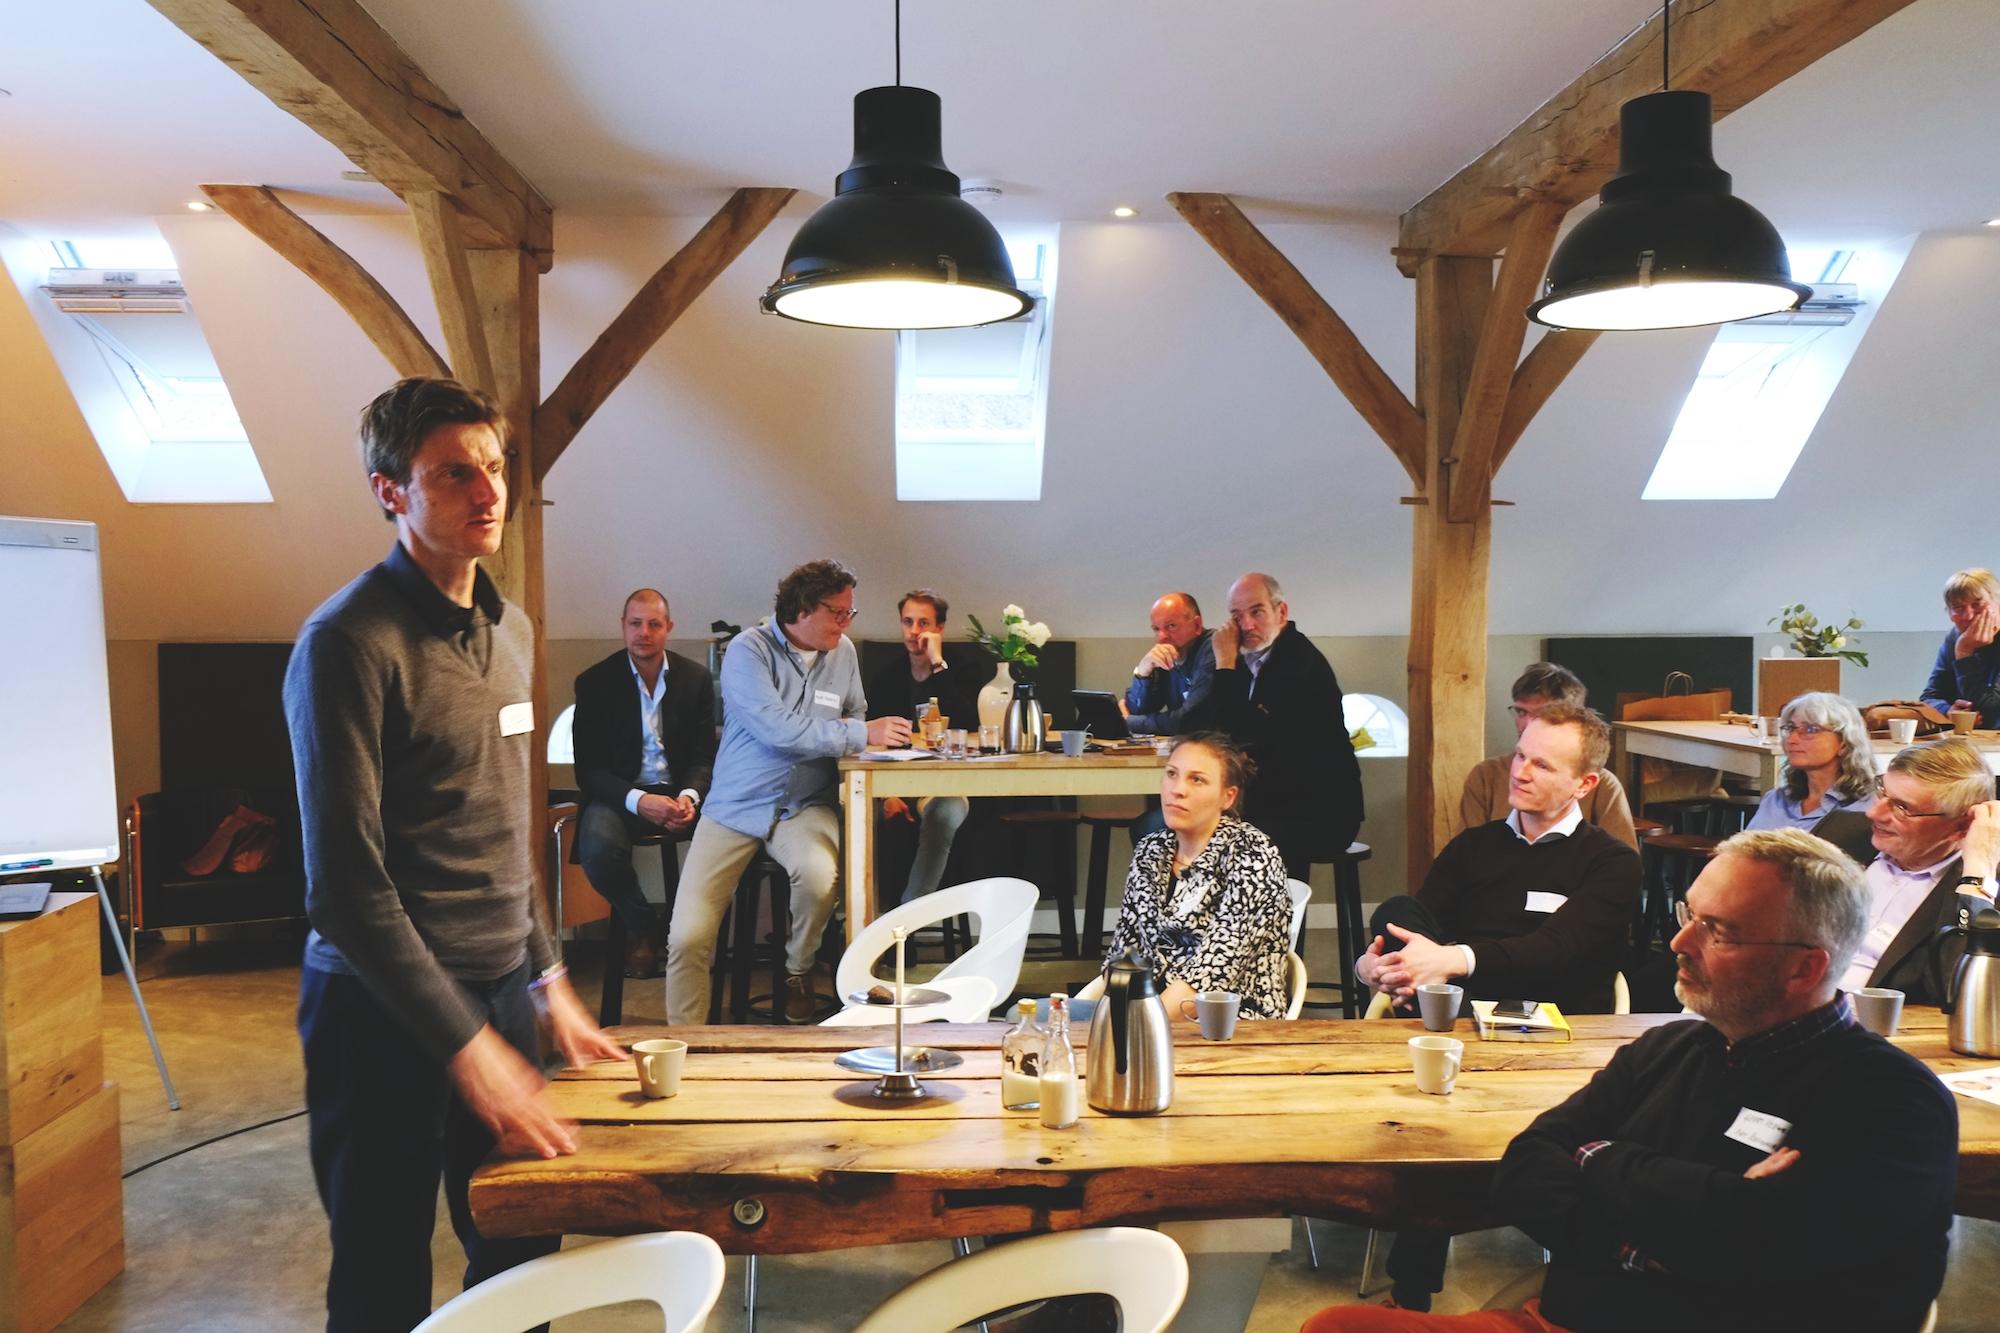 Regiobijeenkomst_Heeten